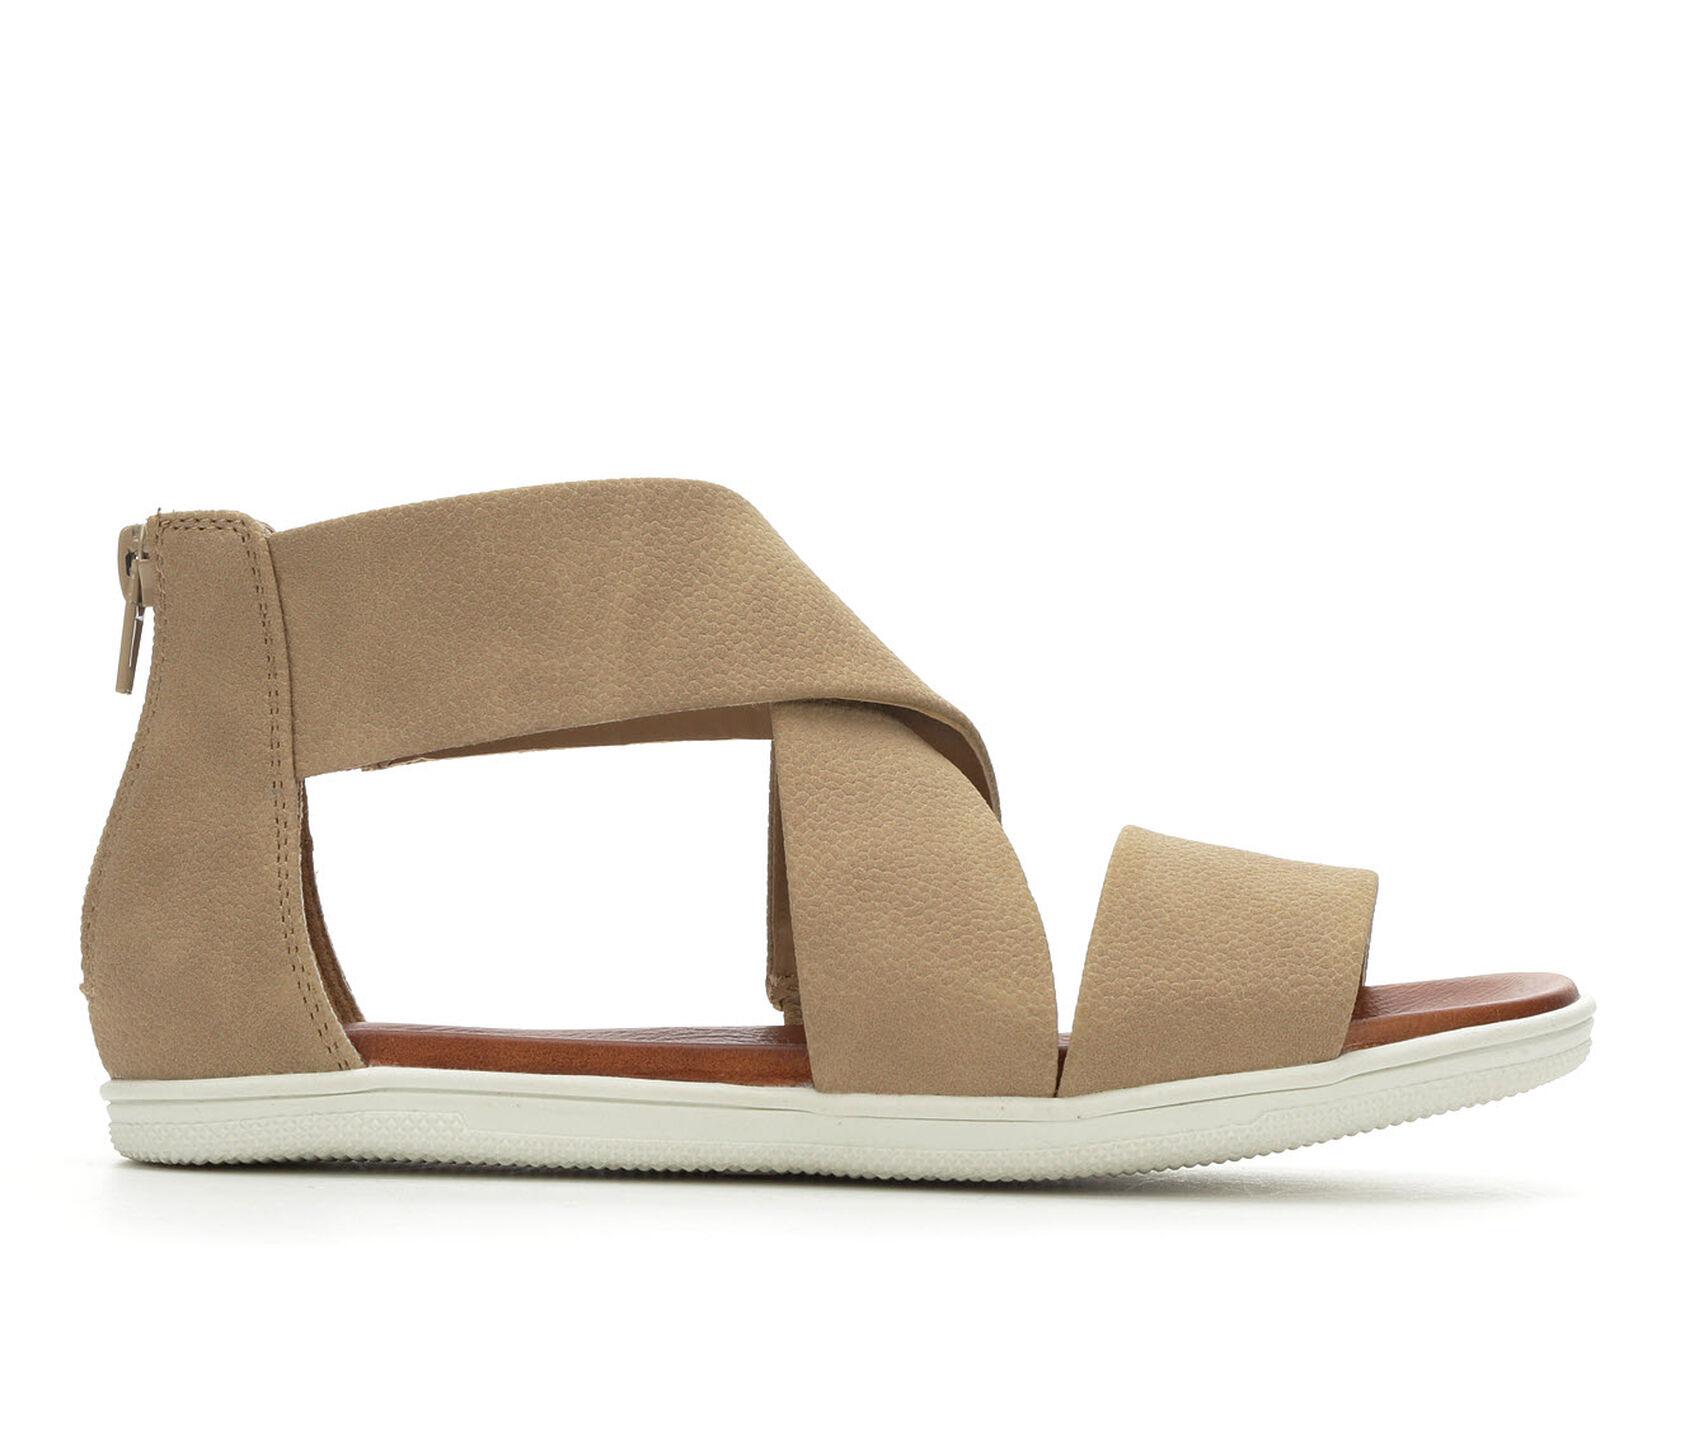 0867fd9e046 Women's MIA Deana Strappy Sandals